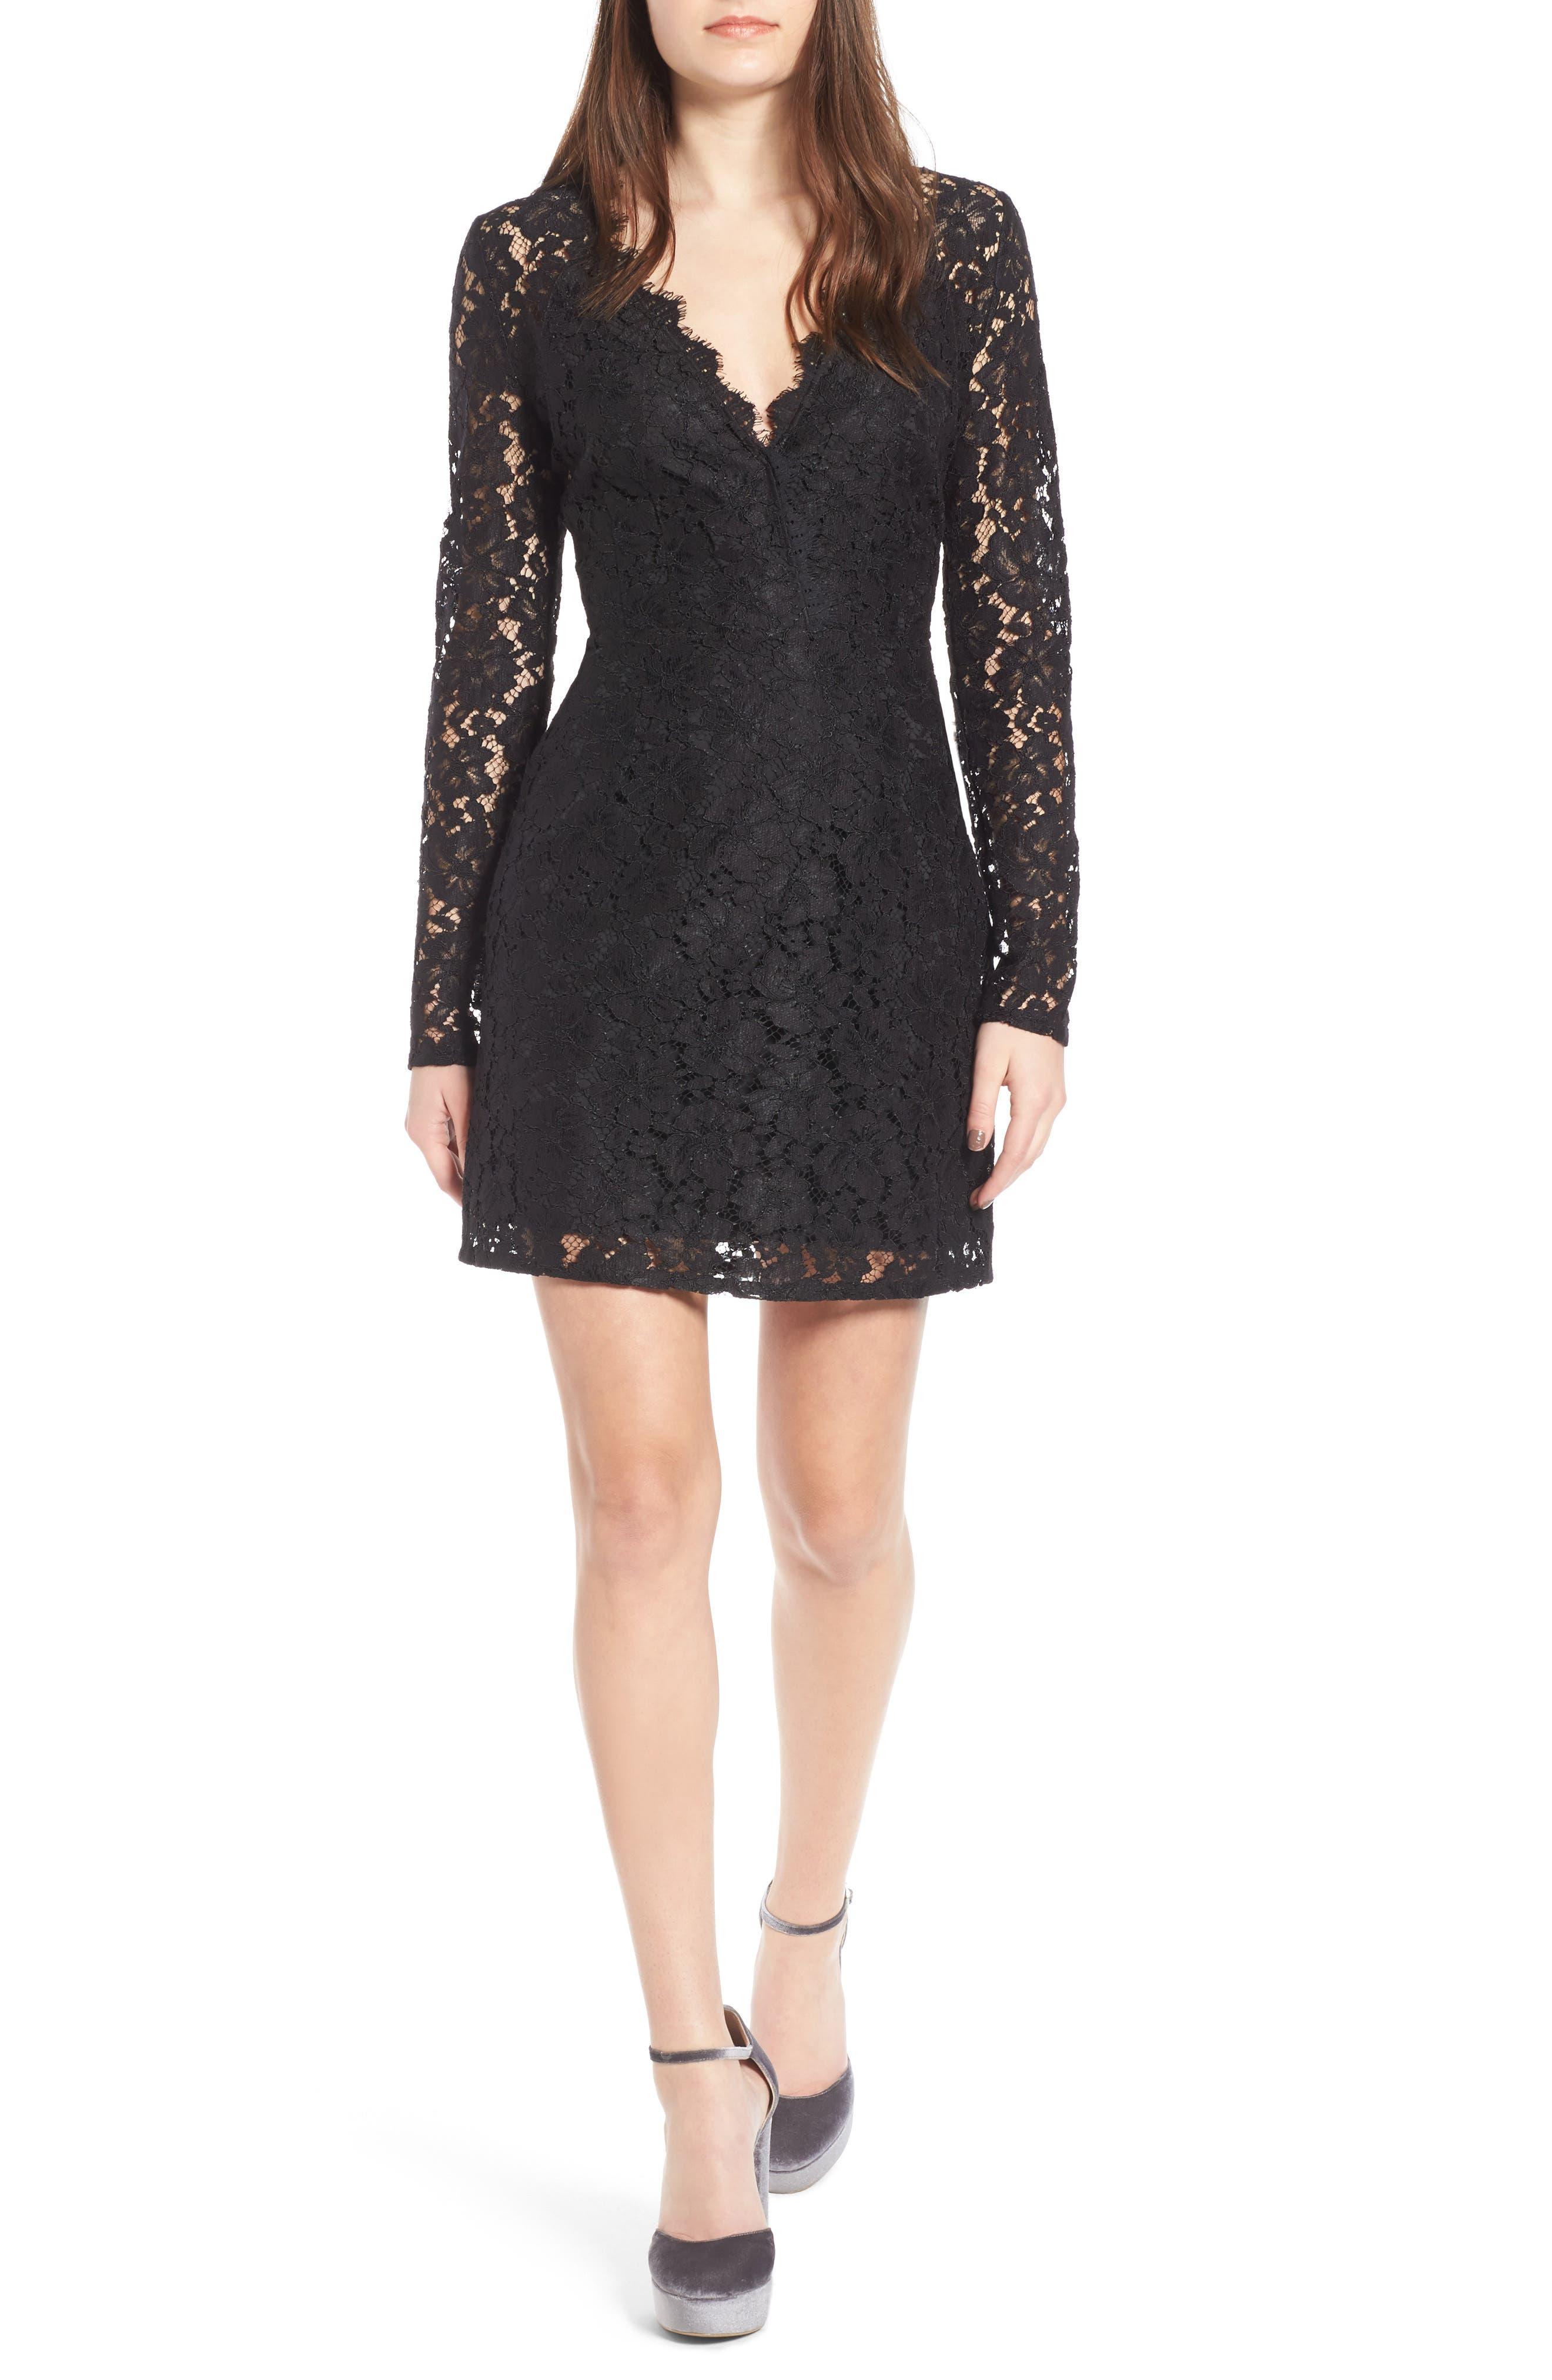 Say It Out Loud Lace Dress,                         Main,                         color, Black